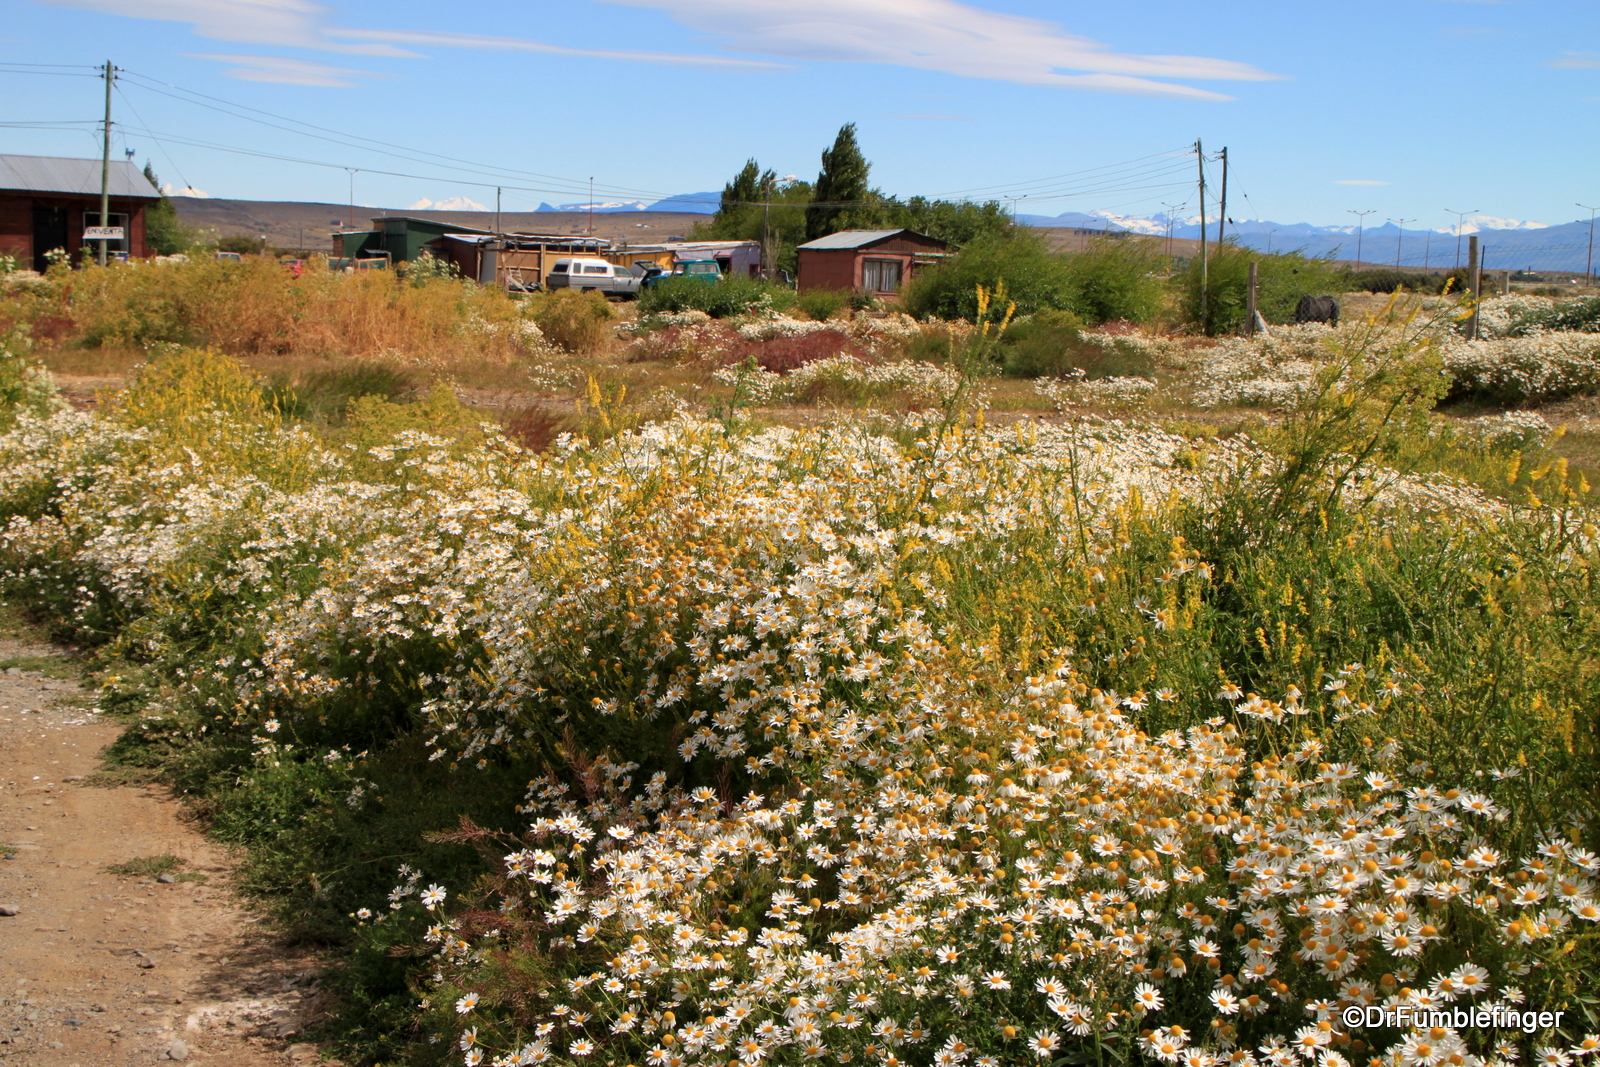 Wildflowers in El Calafate